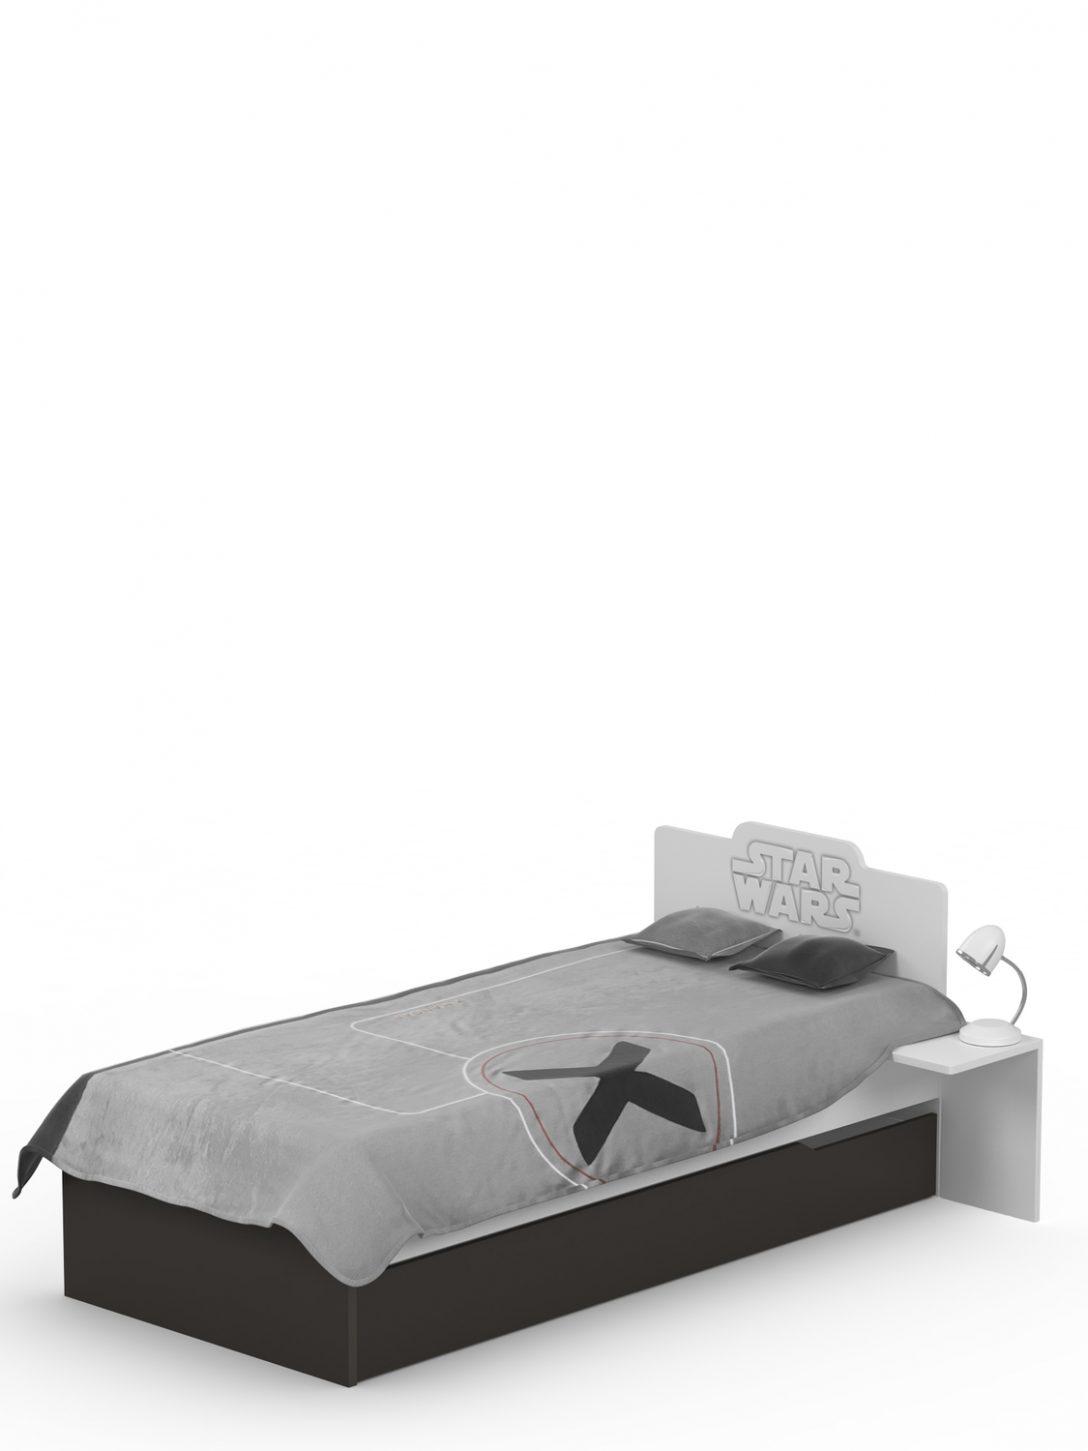 Large Size of Bett 120x200 Mit Matratze Und Lattenrost Singleküche Kühlschrank L Sofa Schlaffunktion 180x200 Weiß Weißes 140x200 Baza Kleine Bäder Dusche Amazon Betten Bett Bett 120x200 Mit Matratze Und Lattenrost